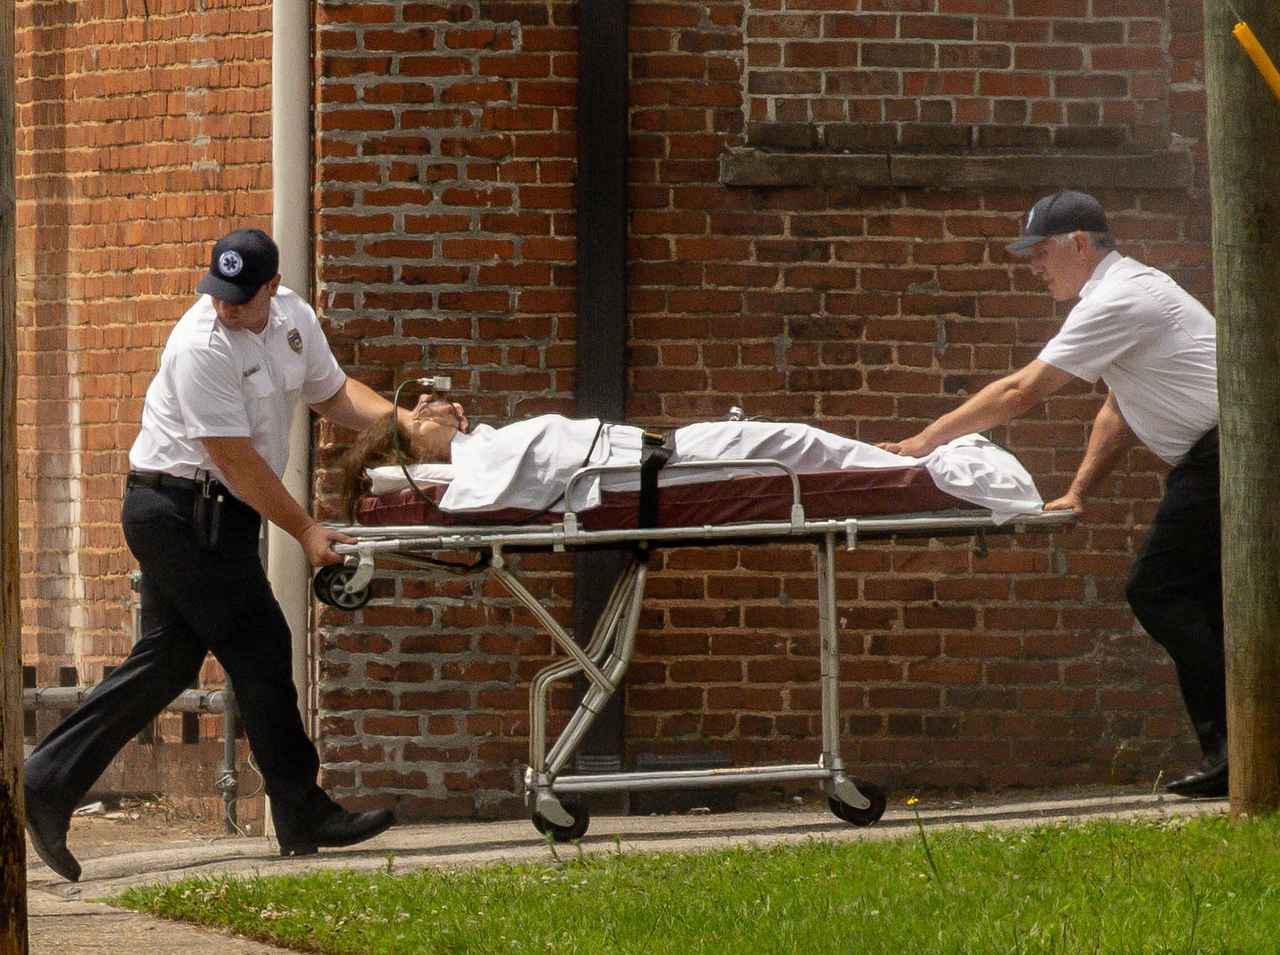 画像: 『ストレンジャー・シングス』シーズン4、撮影でイレブンがぶっ倒れる!スティーブは血まみれ!一体何が?【写真アリ】 - フロントロウ -海外セレブ&海外カルチャー情報を発信